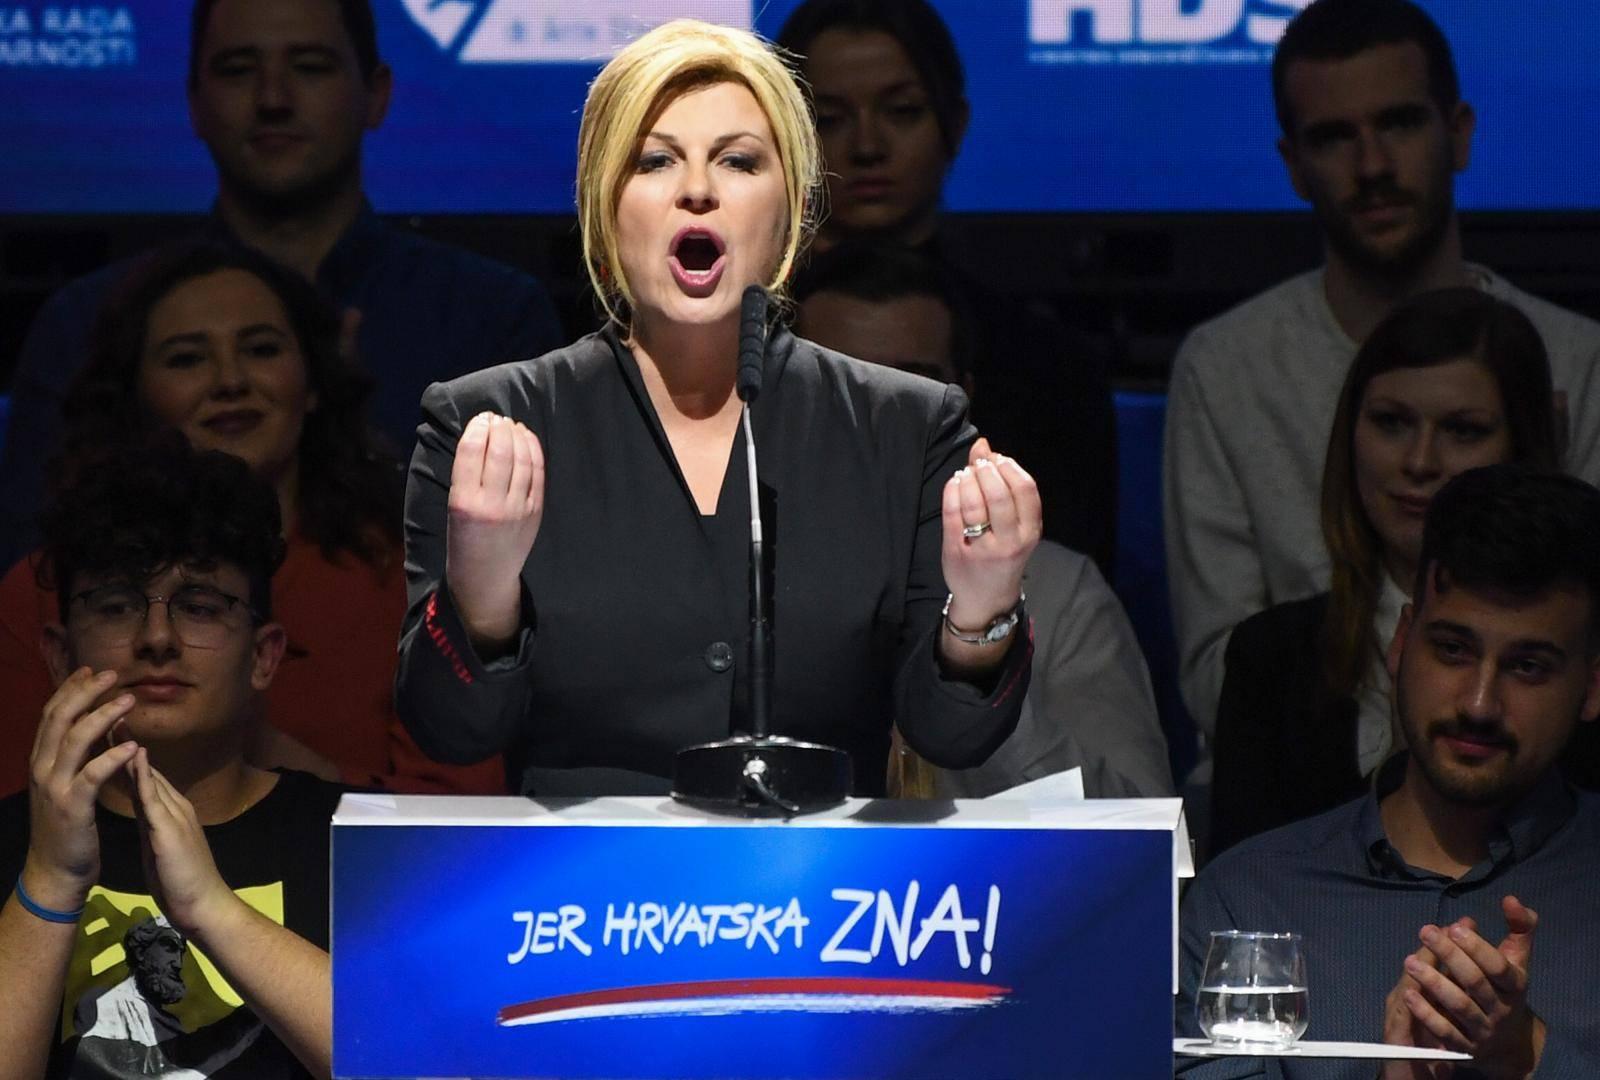 Zagreb: Govor predsjedničke kandidatkinje Kolinde Grabar-Kitarović na zadnjem skupu